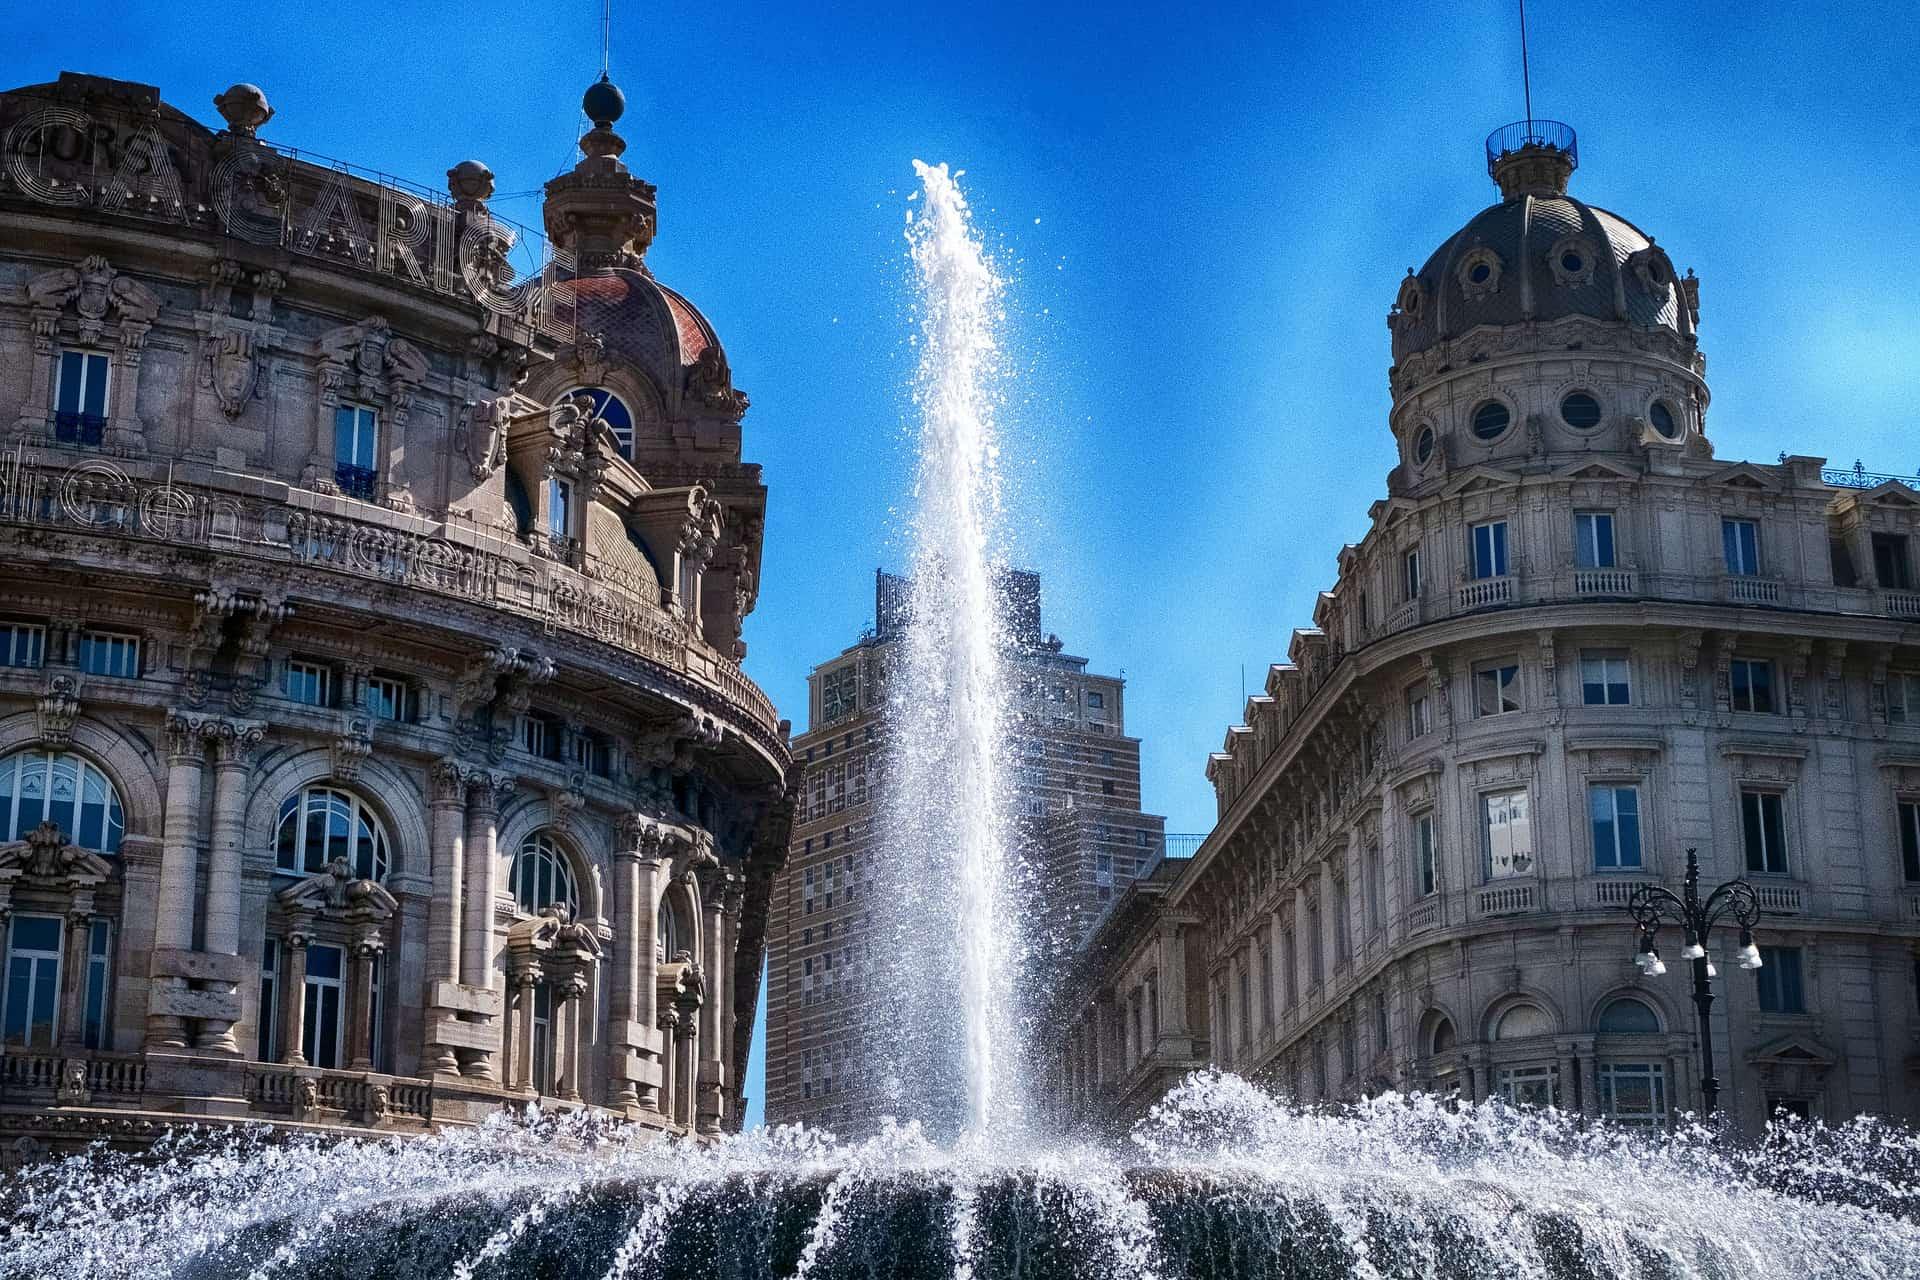 genoa italy fountain piazza de ferrari